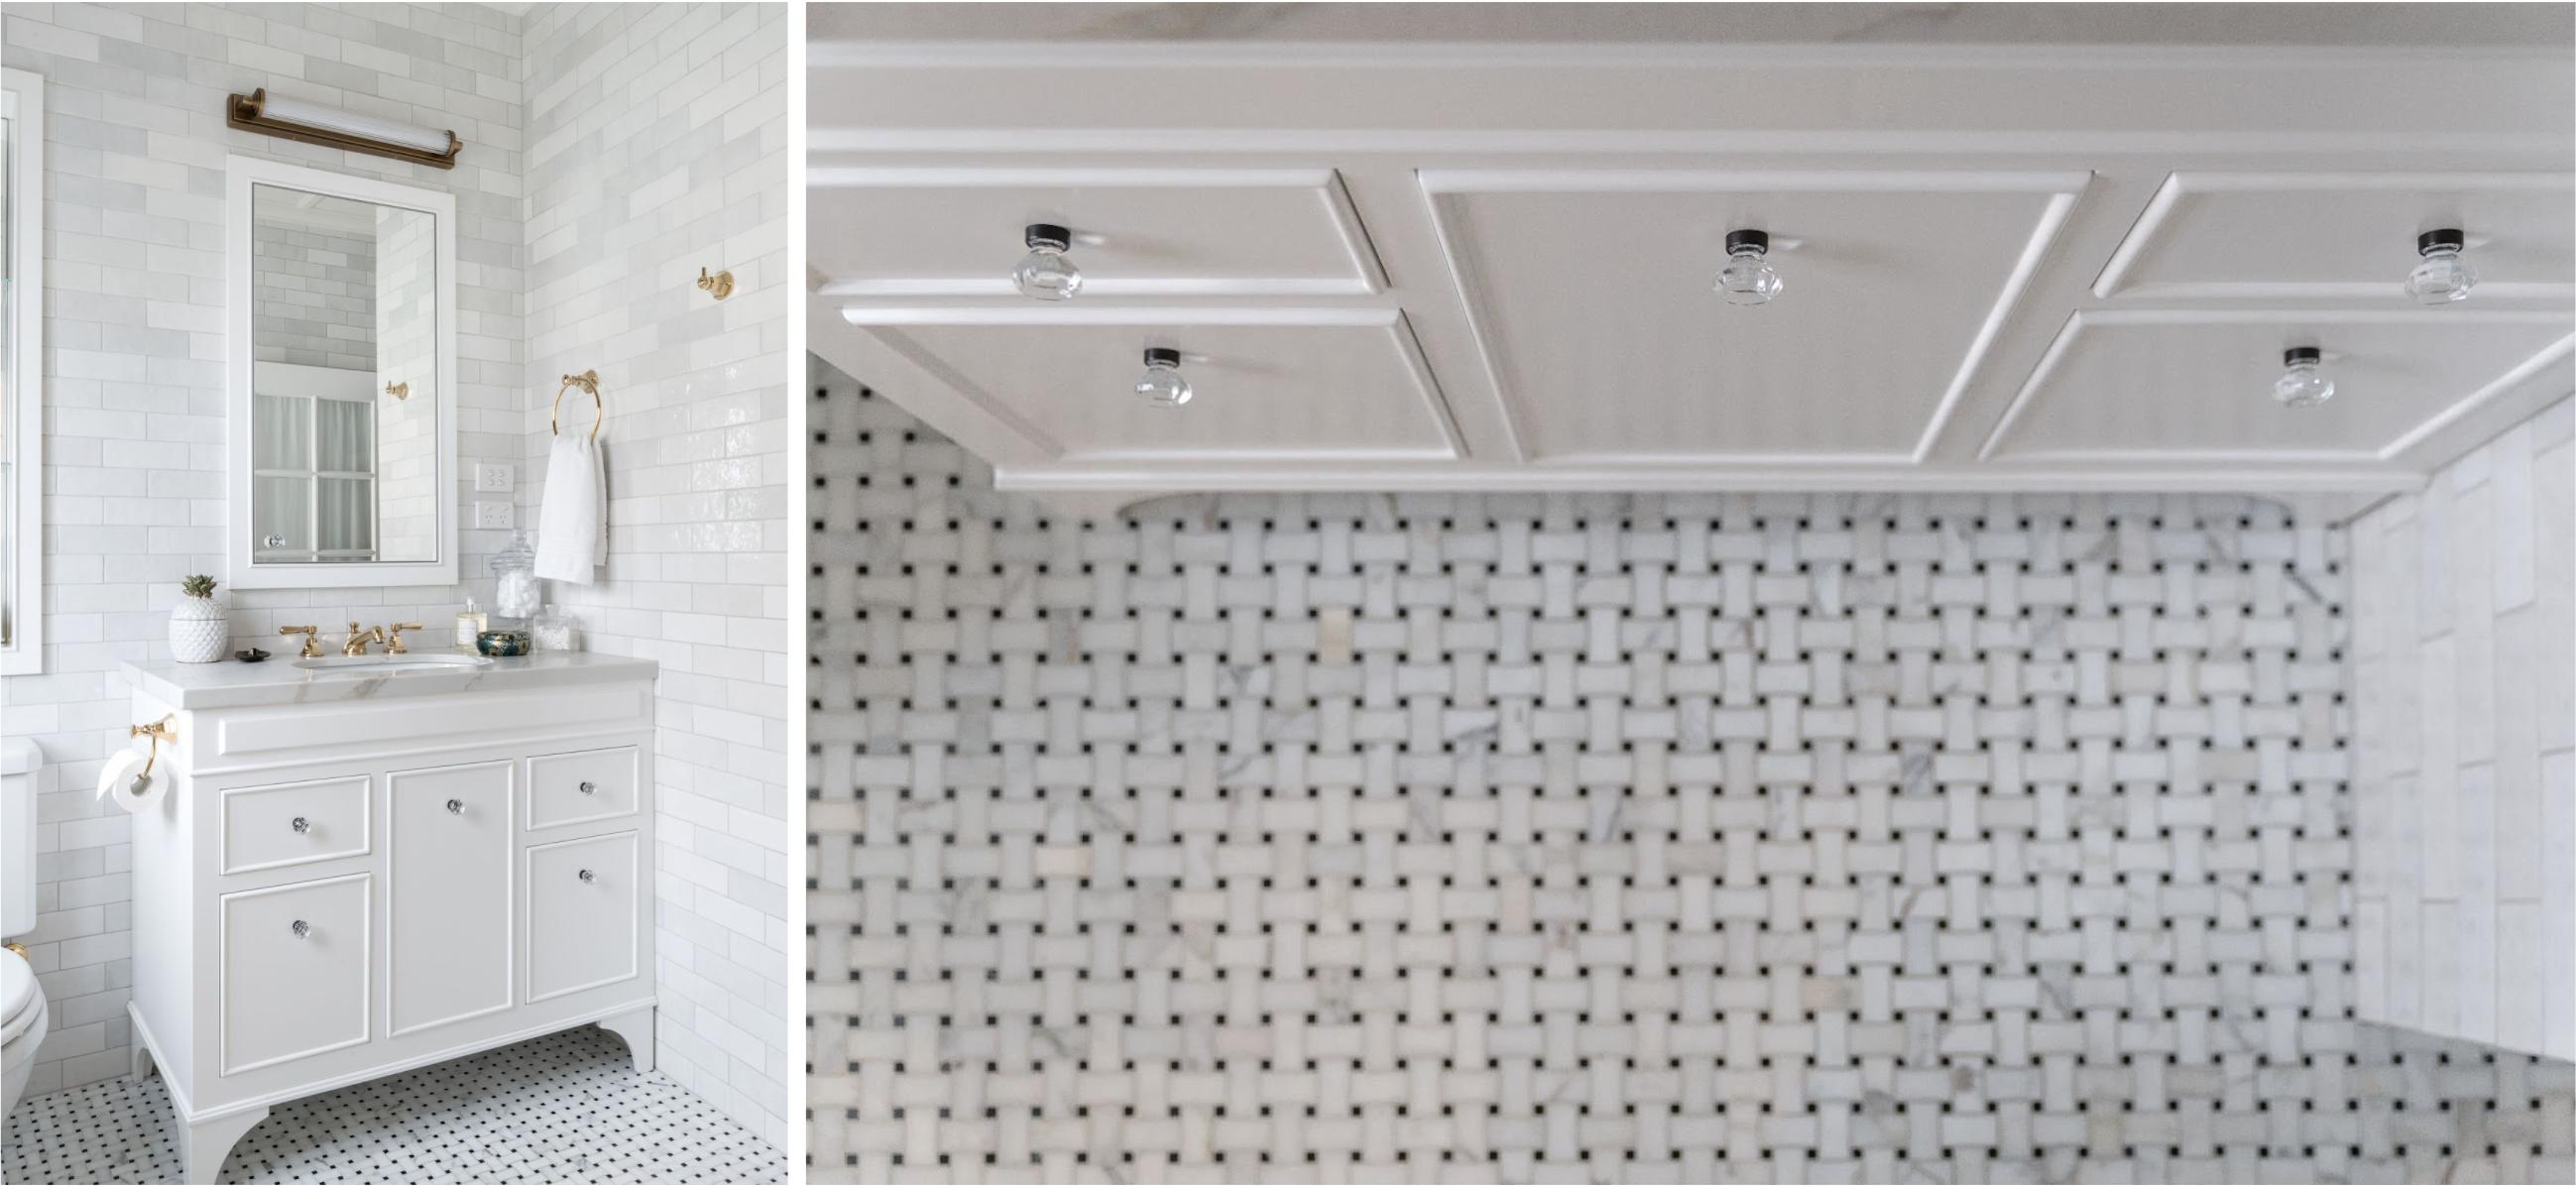 journey-home-canberra-au-bathroom-renovation-close-up-to-basket-weave-flooring-after-renovation